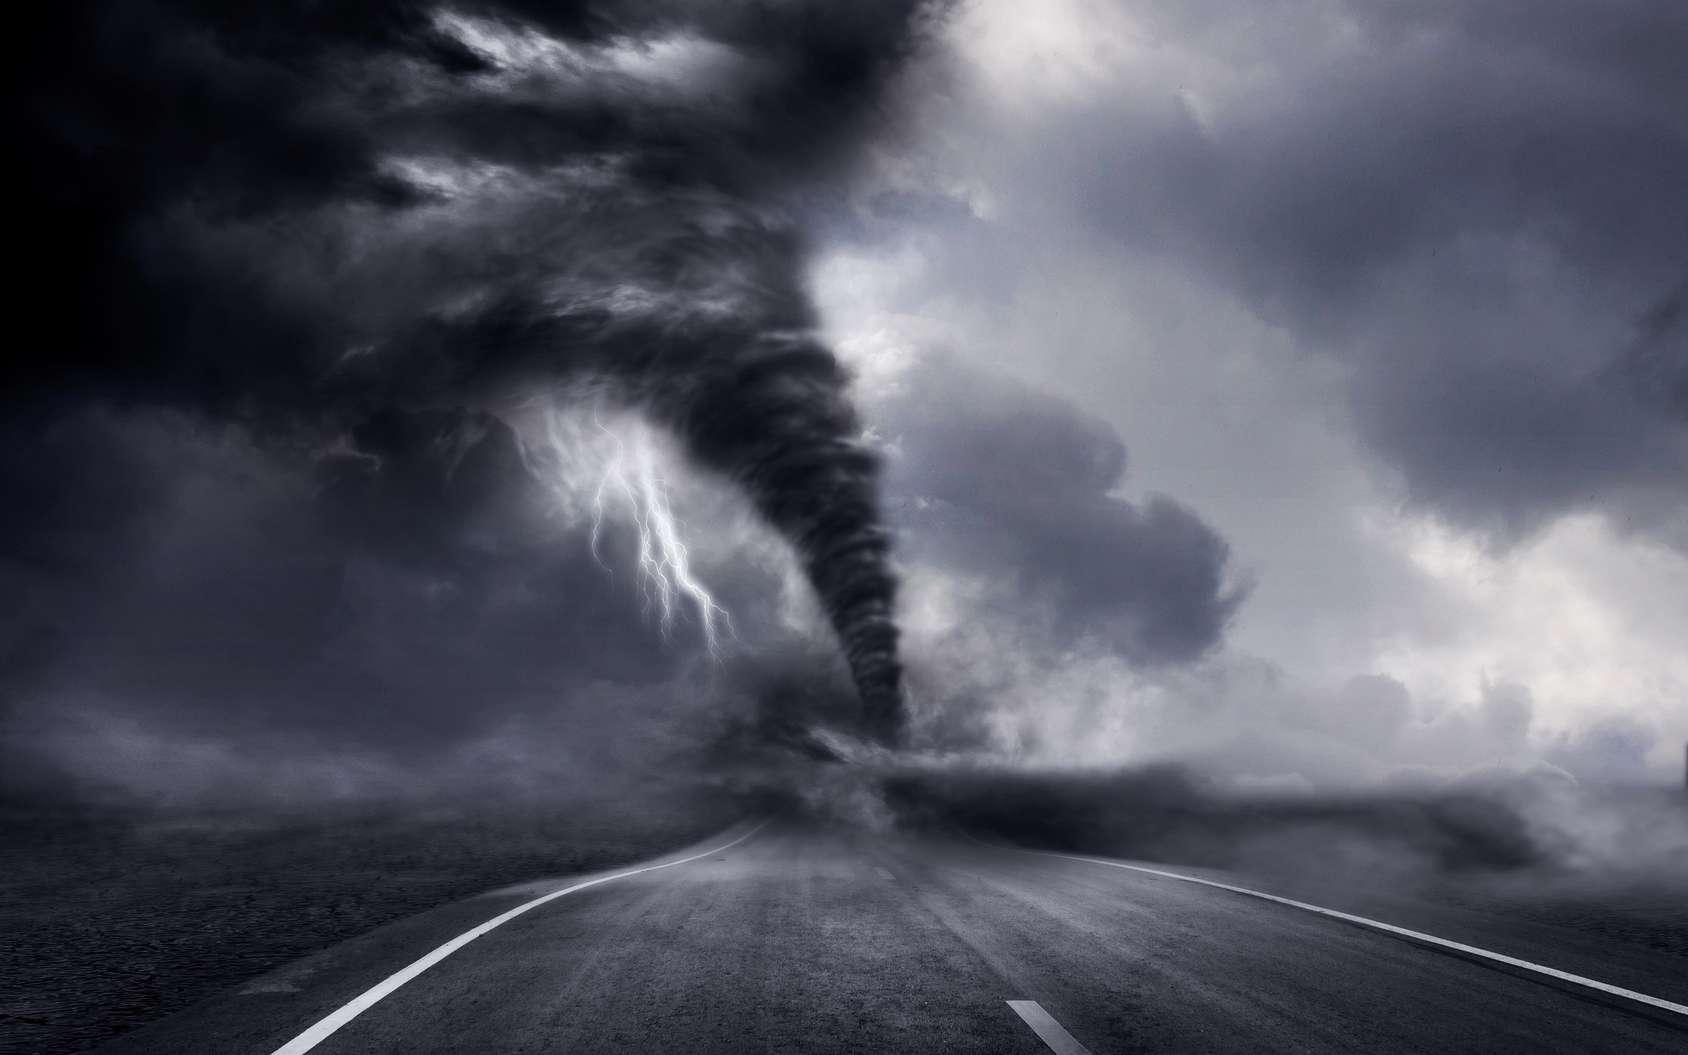 Une tornade filmée au plus près grâce à un drone offre des images inédites. © releon8211, Fotolia